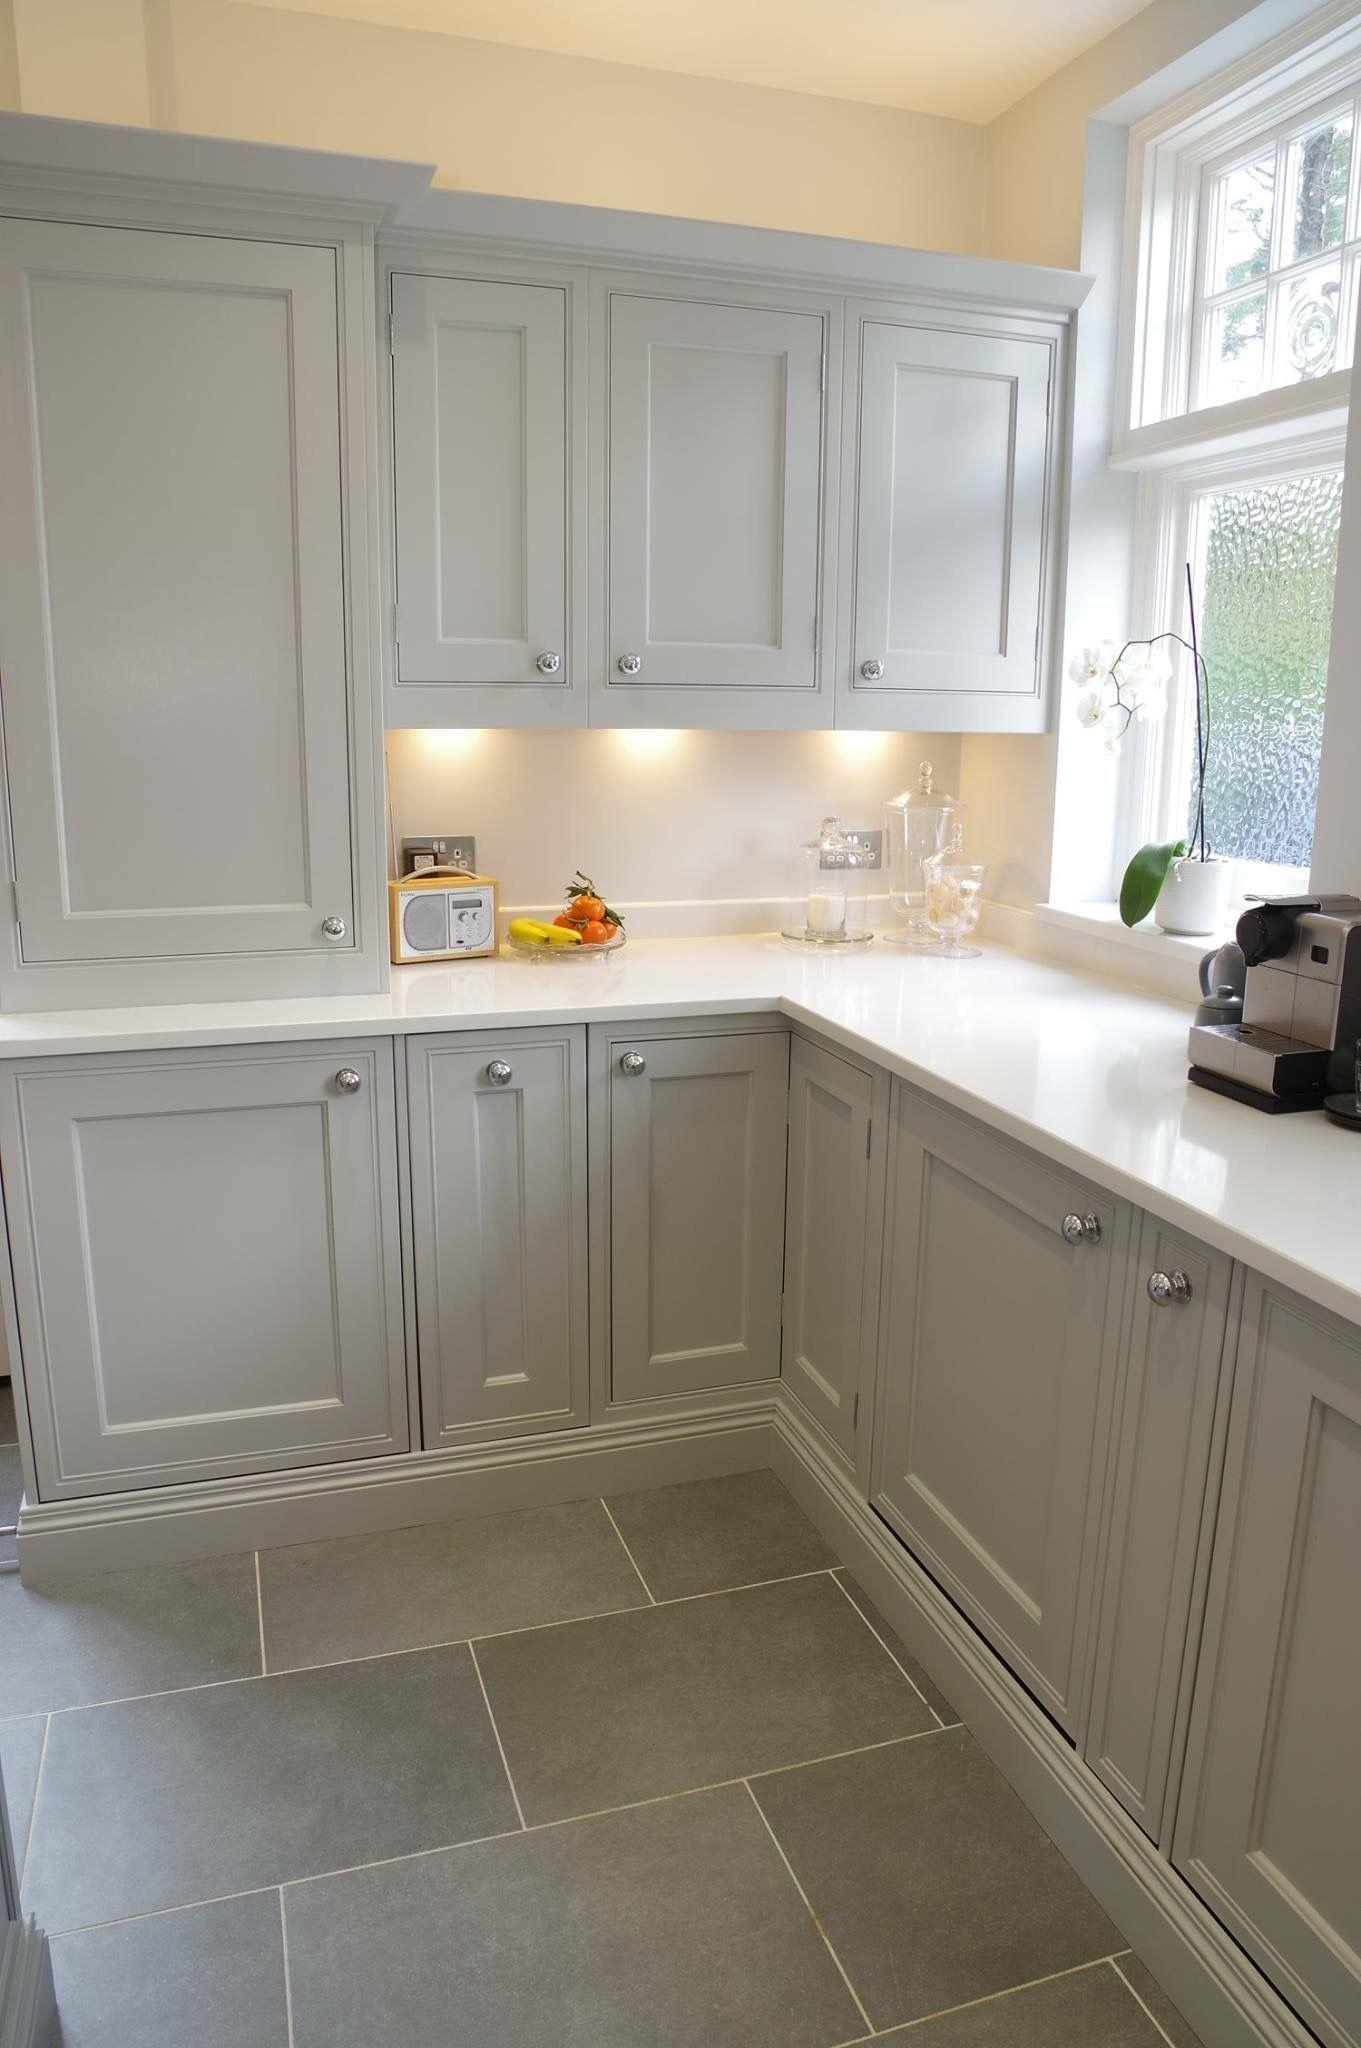 Light Grey Cabinets Wohnideen Hausdekor Hausdekoration Dekoration Schlafzimmer Wohnzimmer Einrichten Kitchen Interior Kitchen Renovation Modern Kitchen